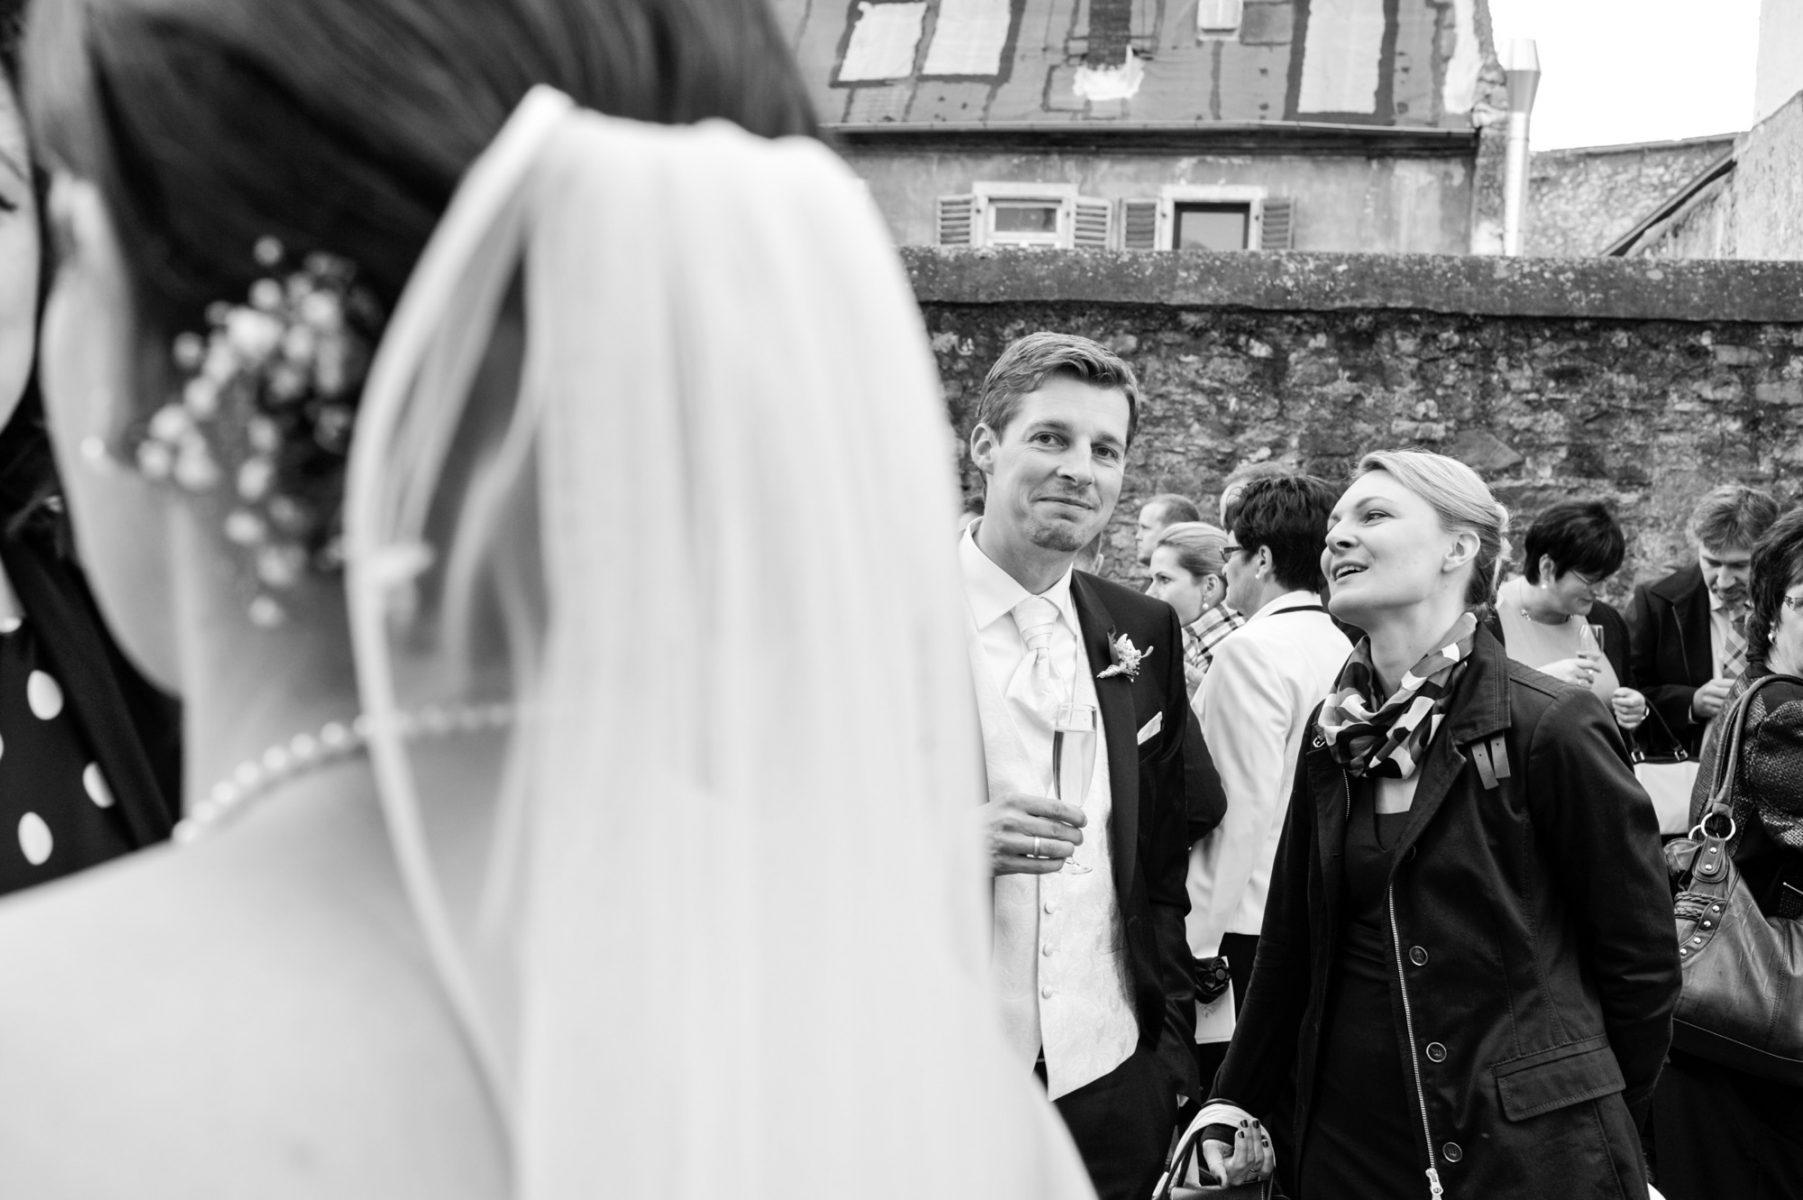 Hochzeit Feier  B2000 229081 1803x1200 - GRATULATION & EMOTION